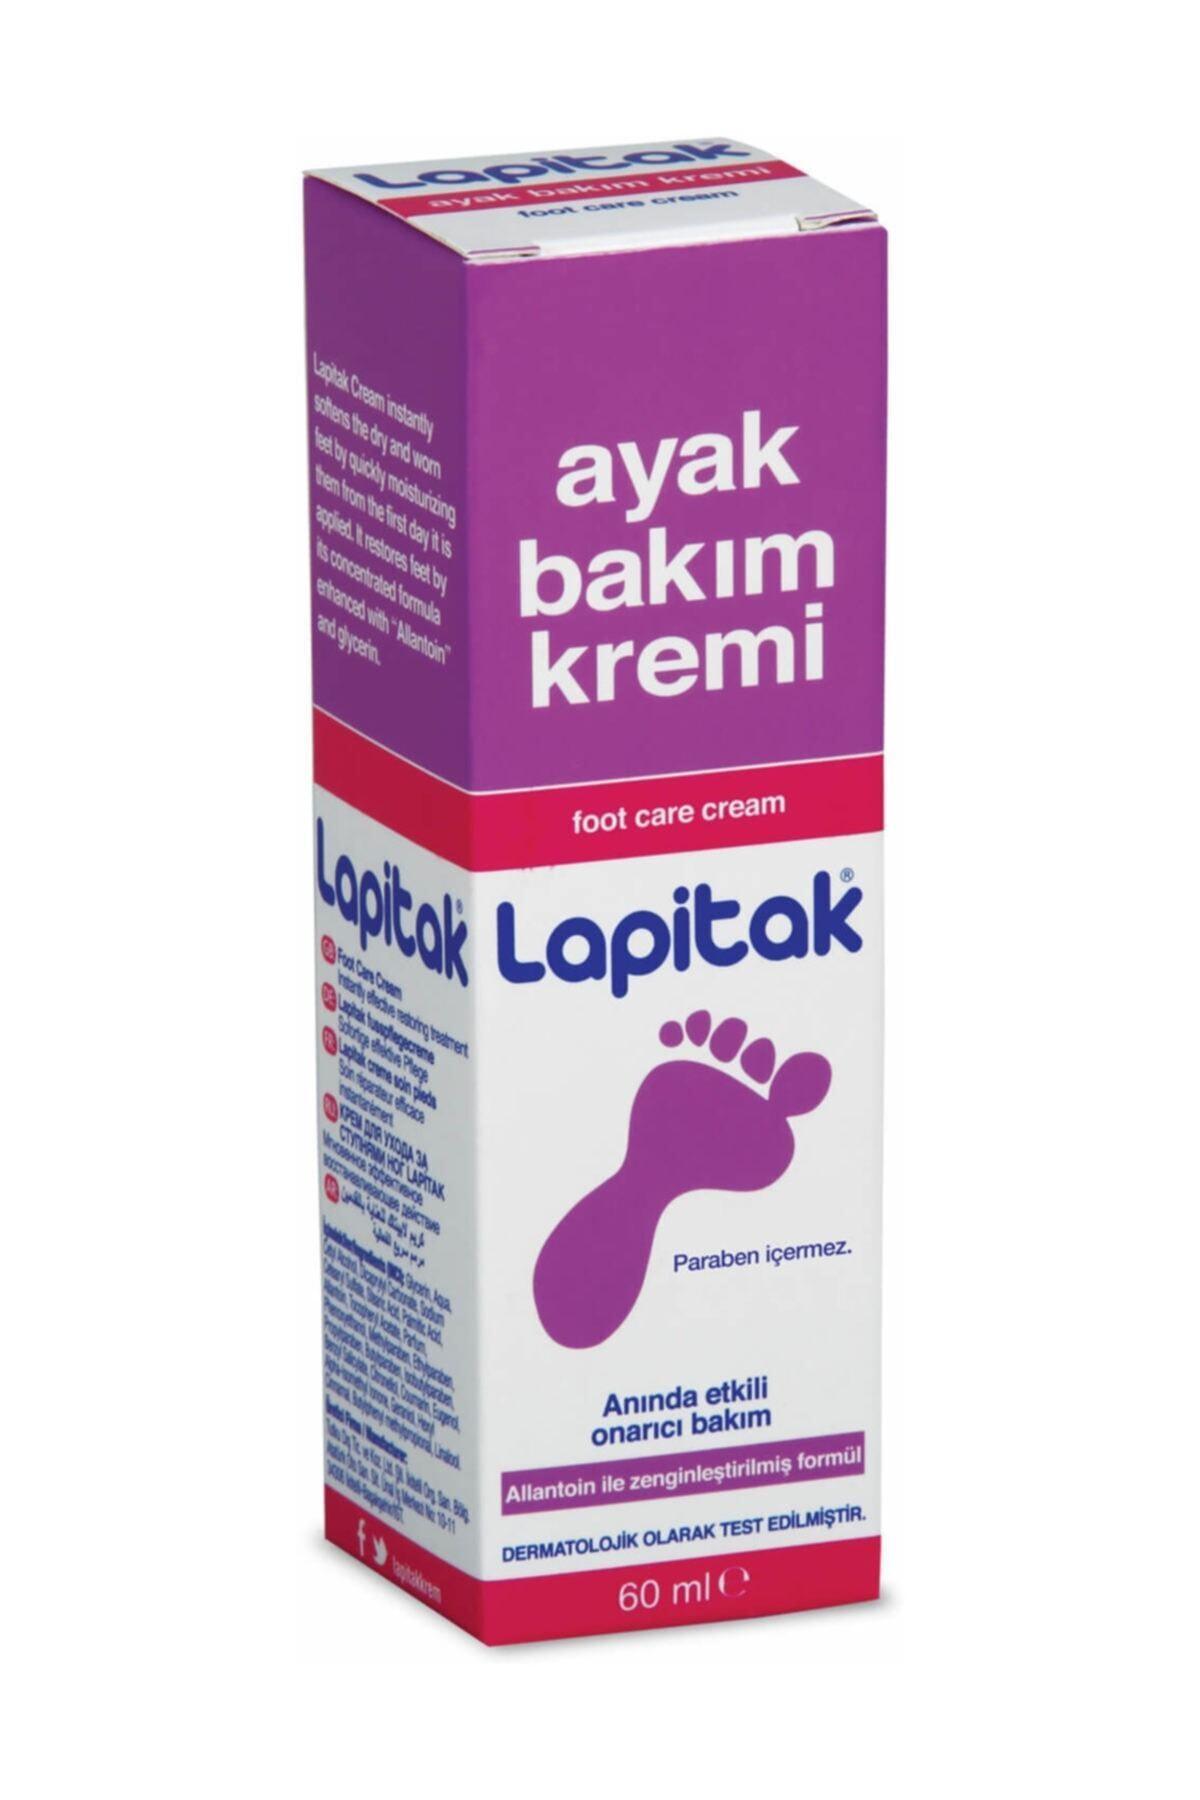 Lapitak Ayak Bakım Kremi 60 Ml 8691091033392 1